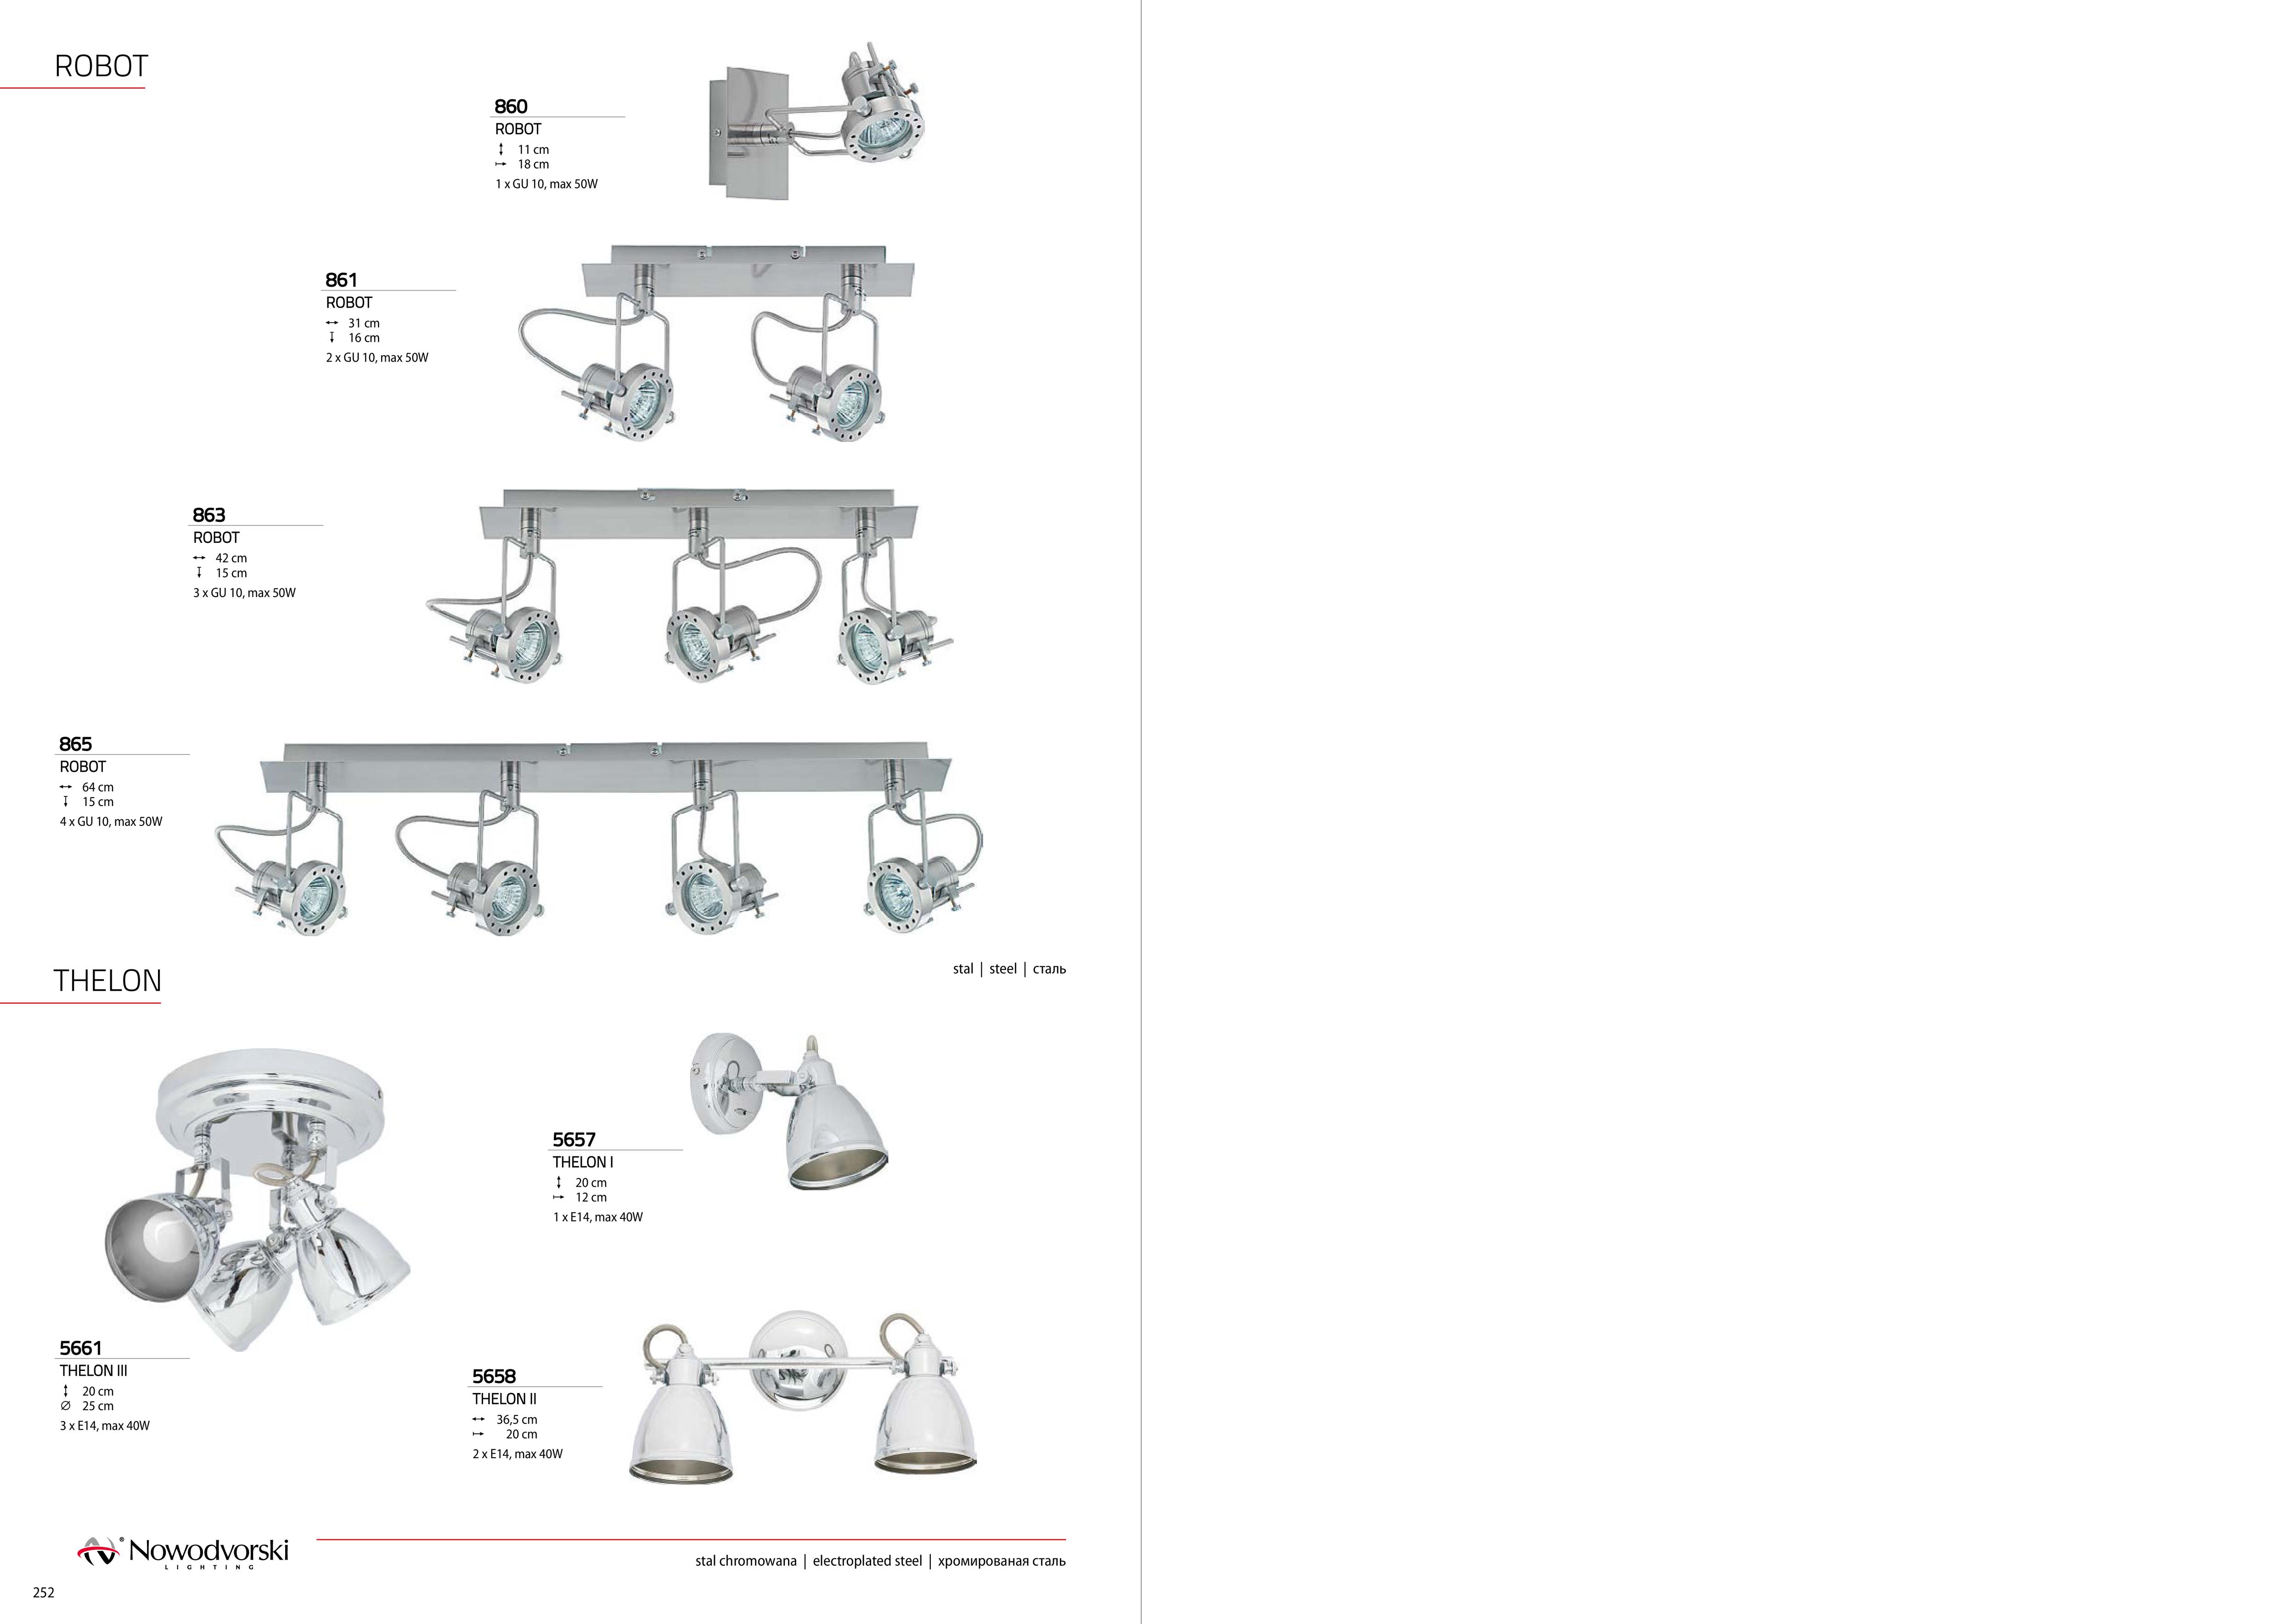 Потолочный светильник Nowodvorski Robot 860, 1xGU10x50W, сталь, металл - фото 3